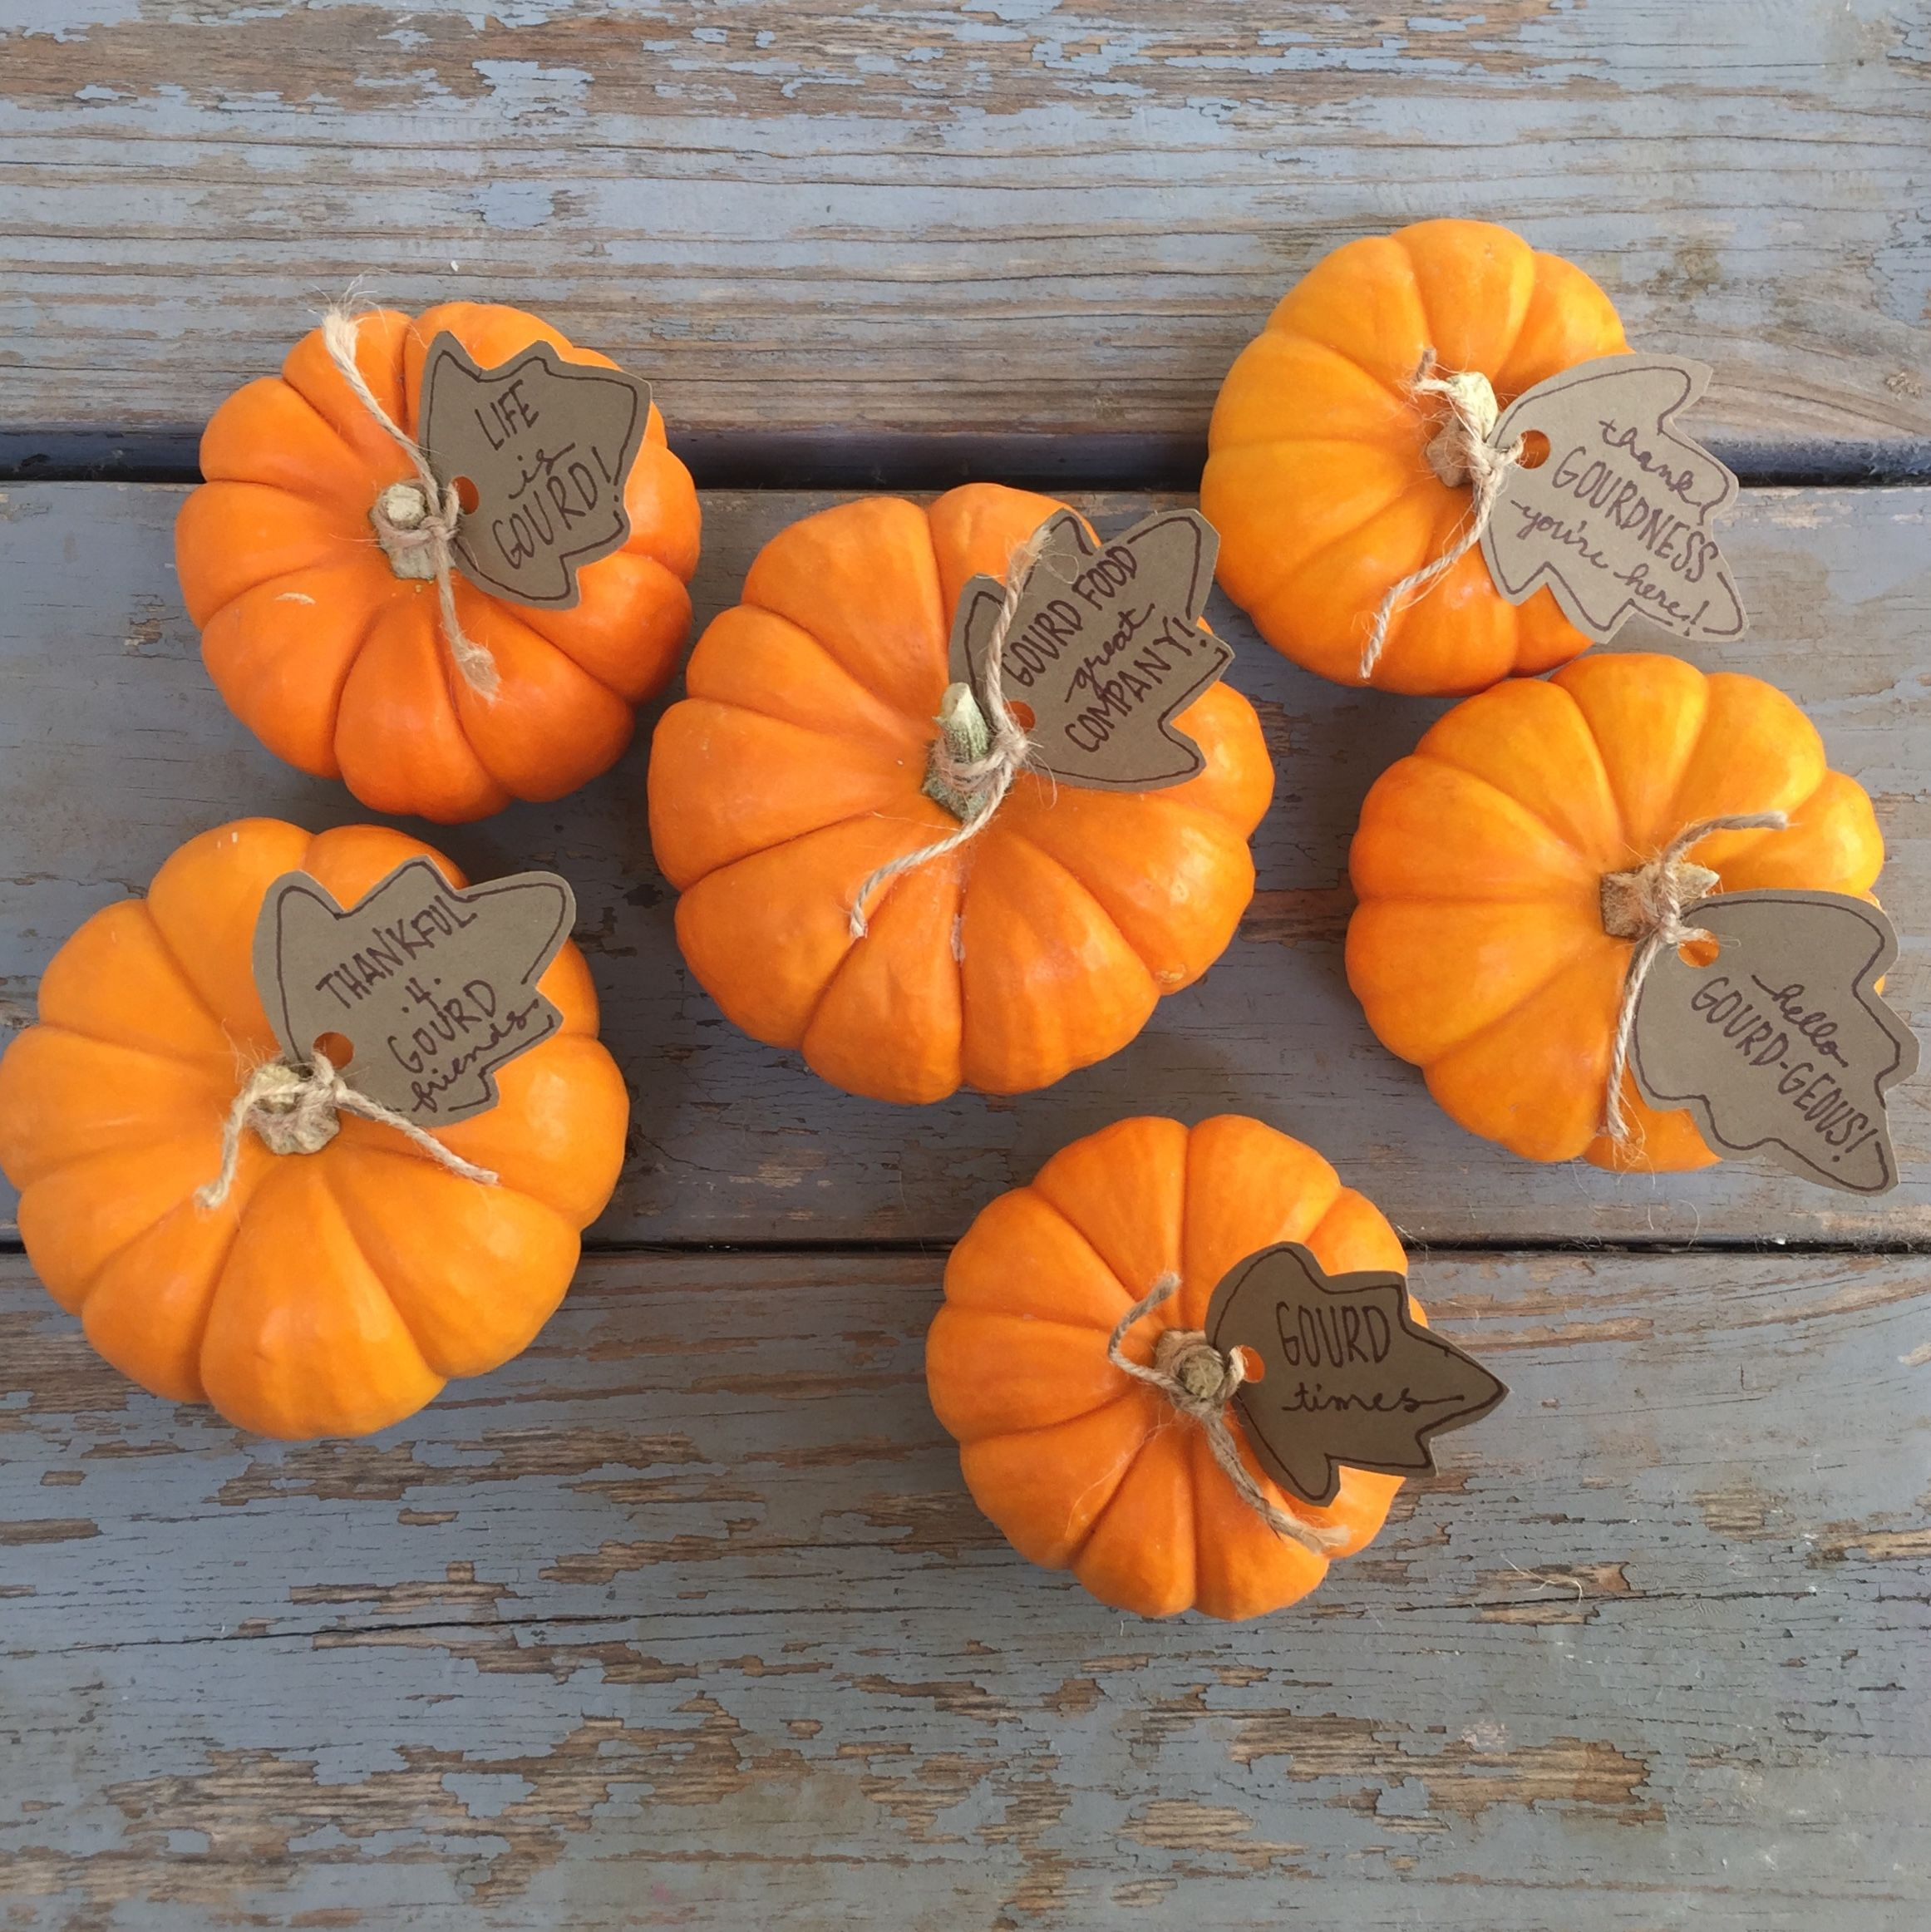 Pumpkin Puns With Images Pumpkin Puns Pumpkin Fall Puns